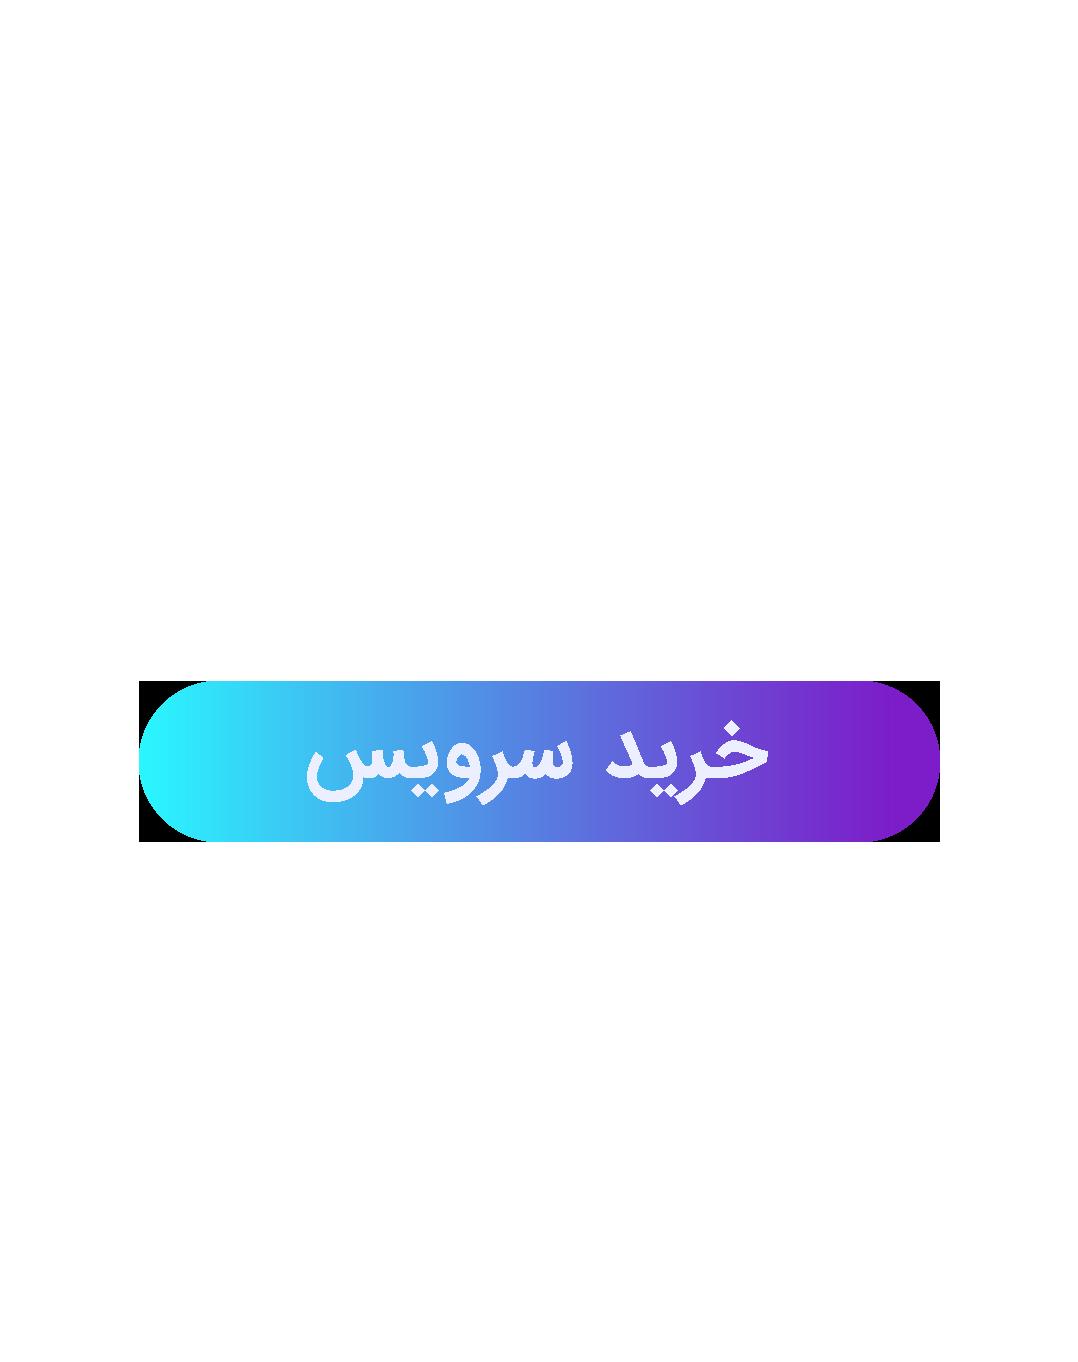 هاست پرسرعت لینوکس ایران